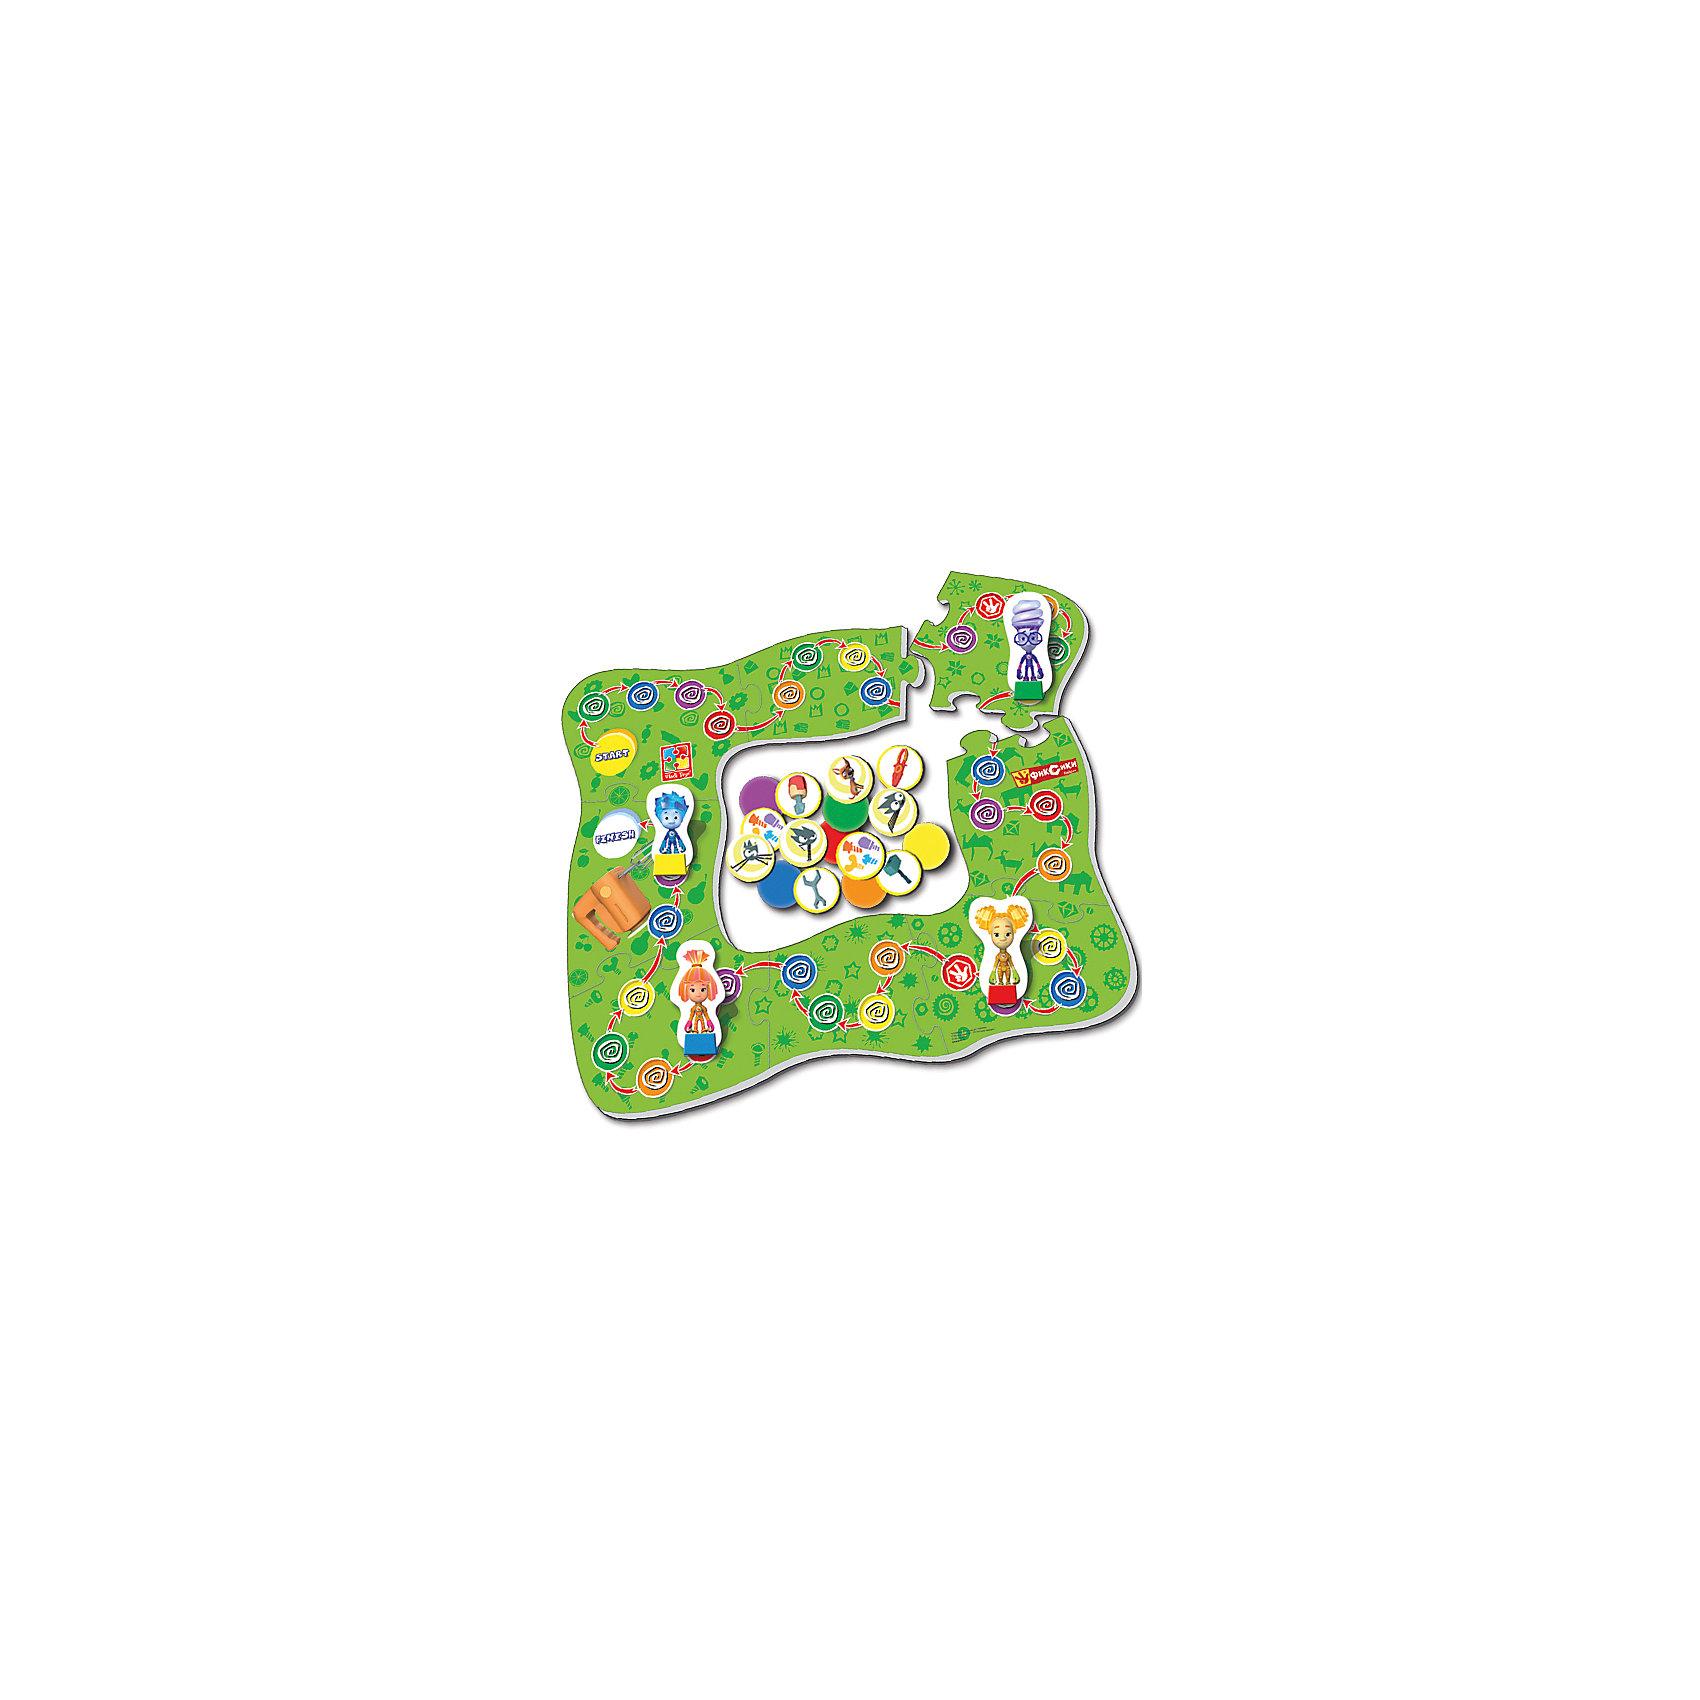 Настольная игра-ходилка Миксер, Фиксики, Vladi ToysПопулярные игрушки<br>Характеристики:<br><br>• Вид игр: обучающие, развивающие<br>• Серия: настольные игры<br>• Пол: универсальный<br>• Материал: картон<br>• Цвет: зеленый, синий, красный, желтый и др.<br>• Комплектация: игровое поле, фишки, игральный кубик, инструкция с правилами игры<br>• Размеры упаковки (Д*Ш*В): 28*5*25 см<br>• Тип упаковки: картонная коробка<br>• Вес в упаковке: 475 г<br><br>Настольная игра-ходилка Миксер, Фиксики, Vladi Toys, производителем которых является компания, специализирующаяся на выпуске развивающих игр, давно уже стали популярными среди аналогичной продукции. Развивающие настольные игры являются эффективным способом развития и обучения ребенка. При производстве настольных игр от Vladi Toys используются только экологически безопасные материалы, которые не вызывают аллергии и не имеют запаха. Набор состоит из большого игрового поля с изображением персонажей сериала Фиксики. Цель игры заключается в том, чтобы собрать как можно раньше других игроков инструменты для ремонта миксера и добраться до финиша. Сложность заключается в том, что на пути возникают различные препятствия, которые необходимо преодолеть. Все игровые элементы набора отличаются яркостью красок и наглядностью. <br>Настольная игра-ходилка Миксер, Фиксики, Vladi Toys позволит организовать веселый и полезный досуг вашего ребенка, научит внимательности и логическому мышлению.<br><br>Настольную игру-ходилку Миксер, Фиксики, Vladi Toys можно купить в нашем интернет-магазине.<br><br>Ширина мм: 280<br>Глубина мм: 50<br>Высота мм: 250<br>Вес г: 475<br>Возраст от месяцев: 24<br>Возраст до месяцев: 84<br>Пол: Унисекс<br>Возраст: Детский<br>SKU: 5136125